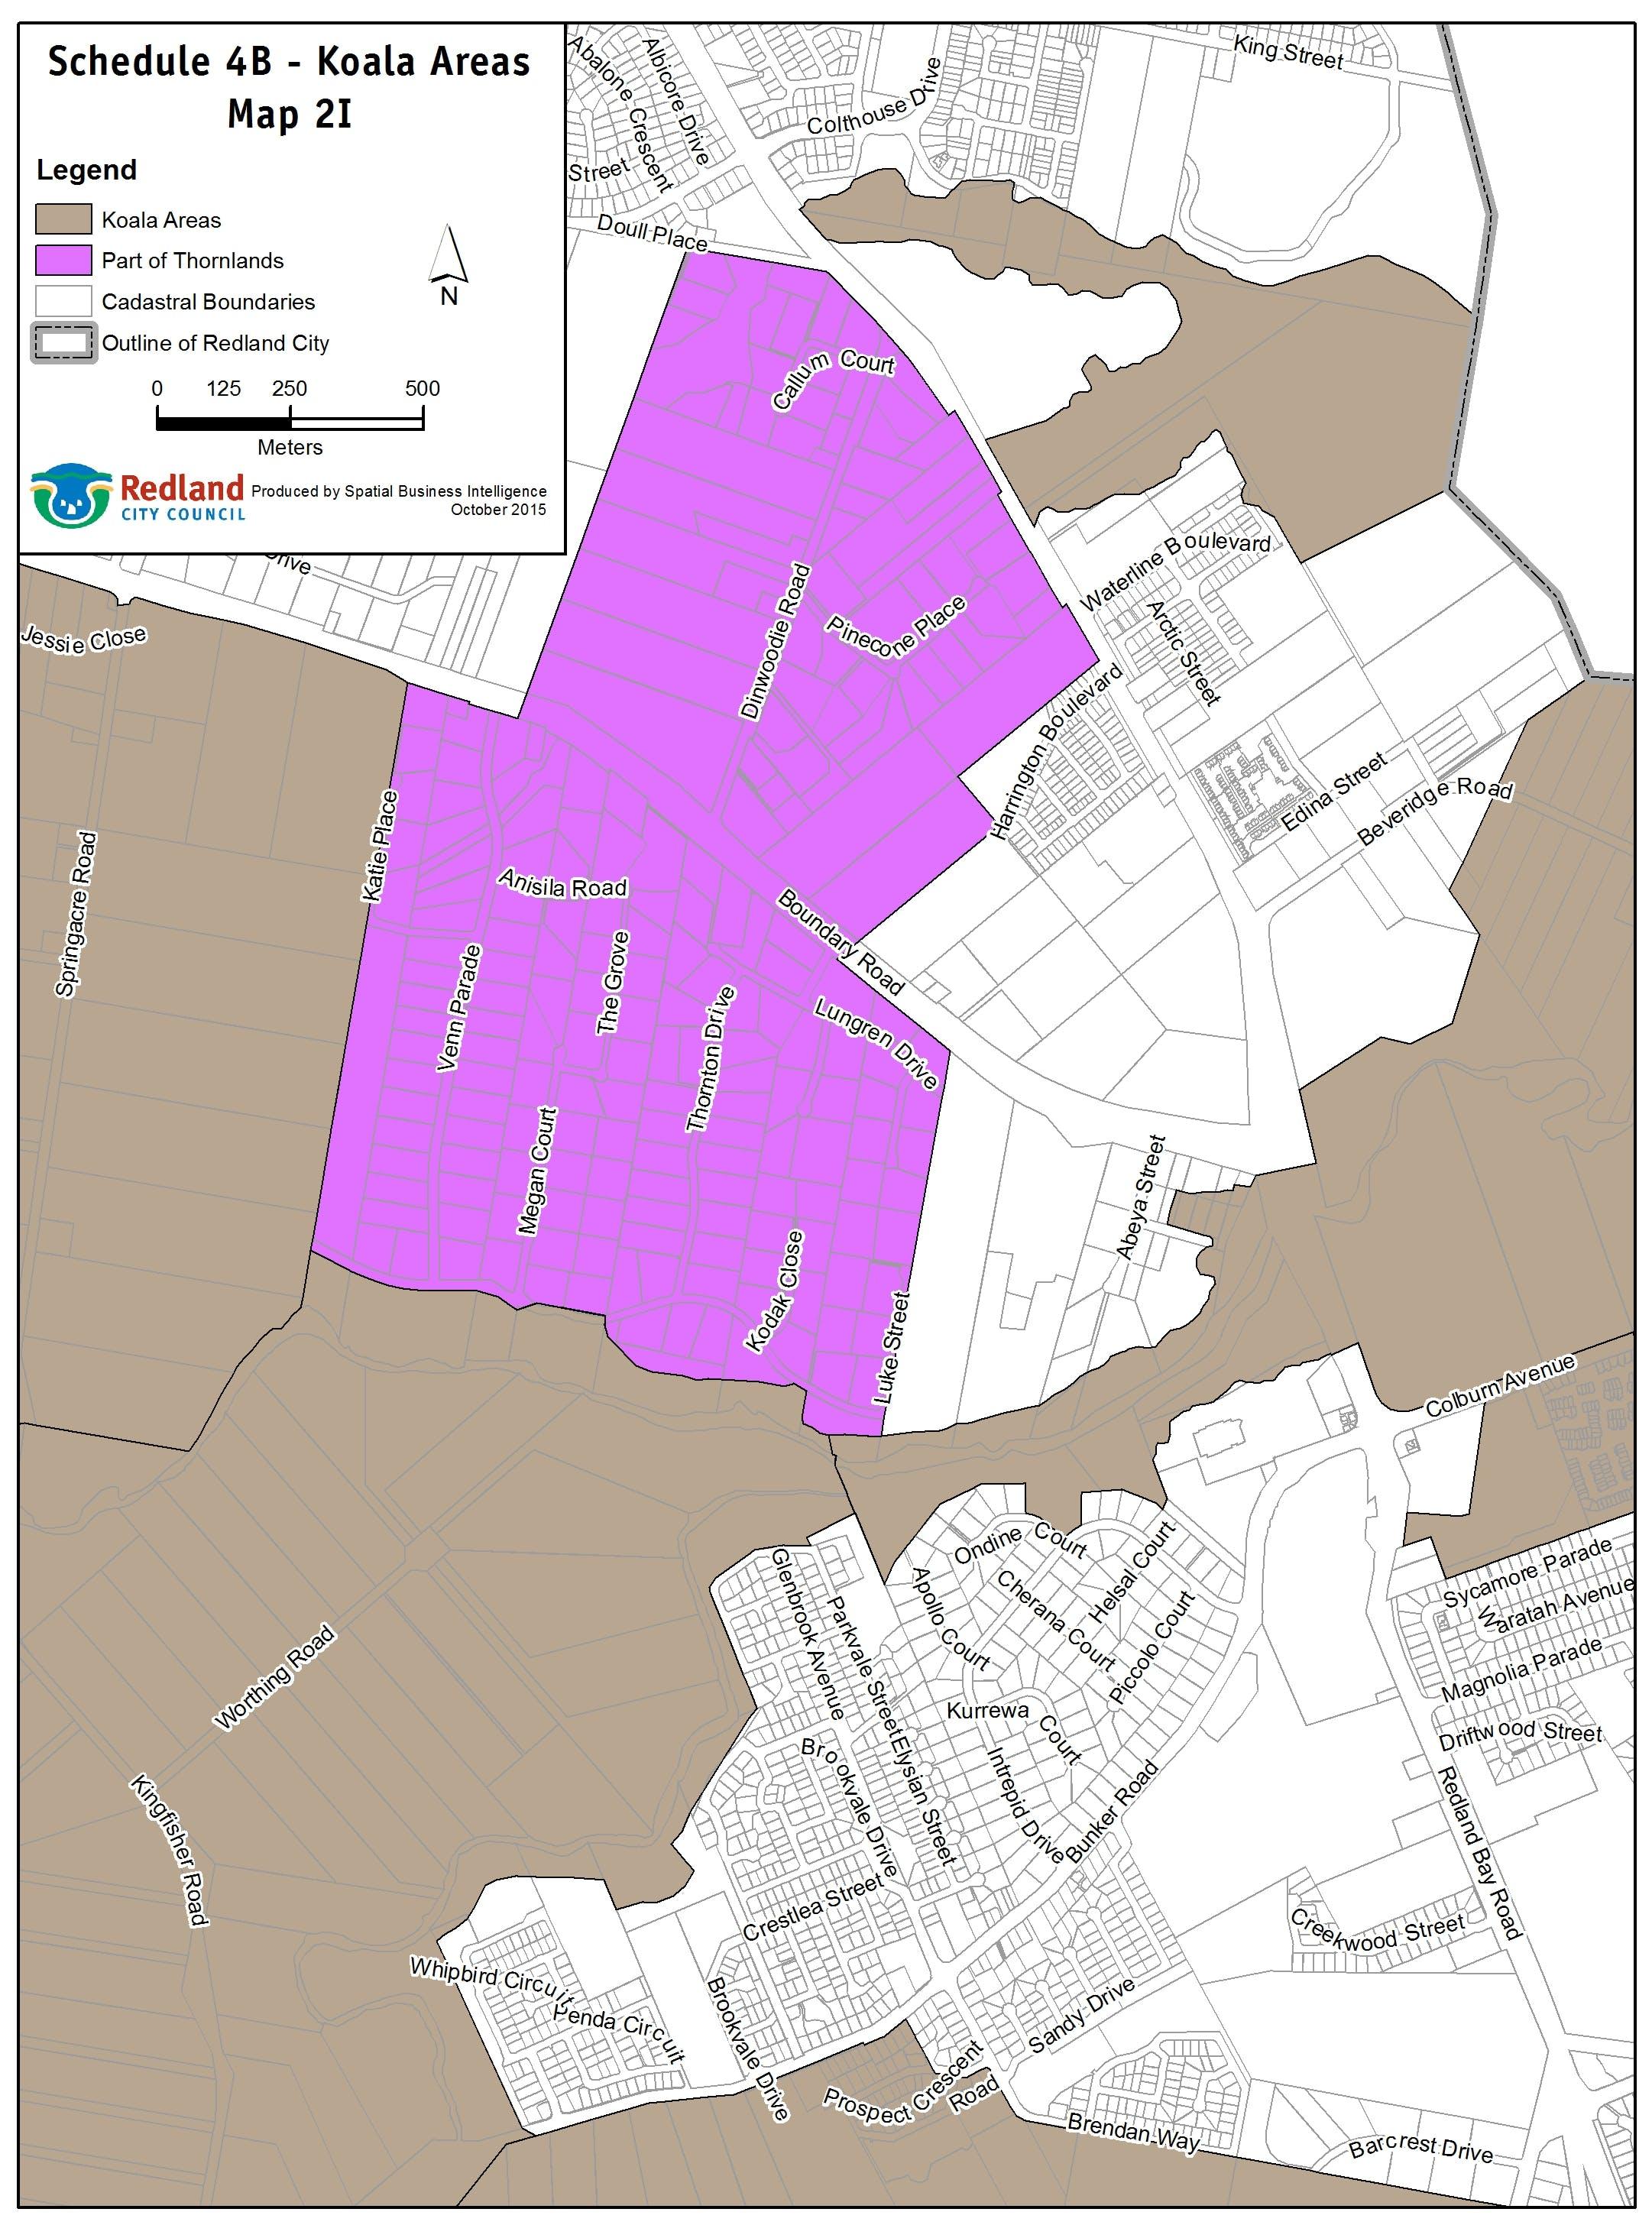 Koala Areas - Map 2I